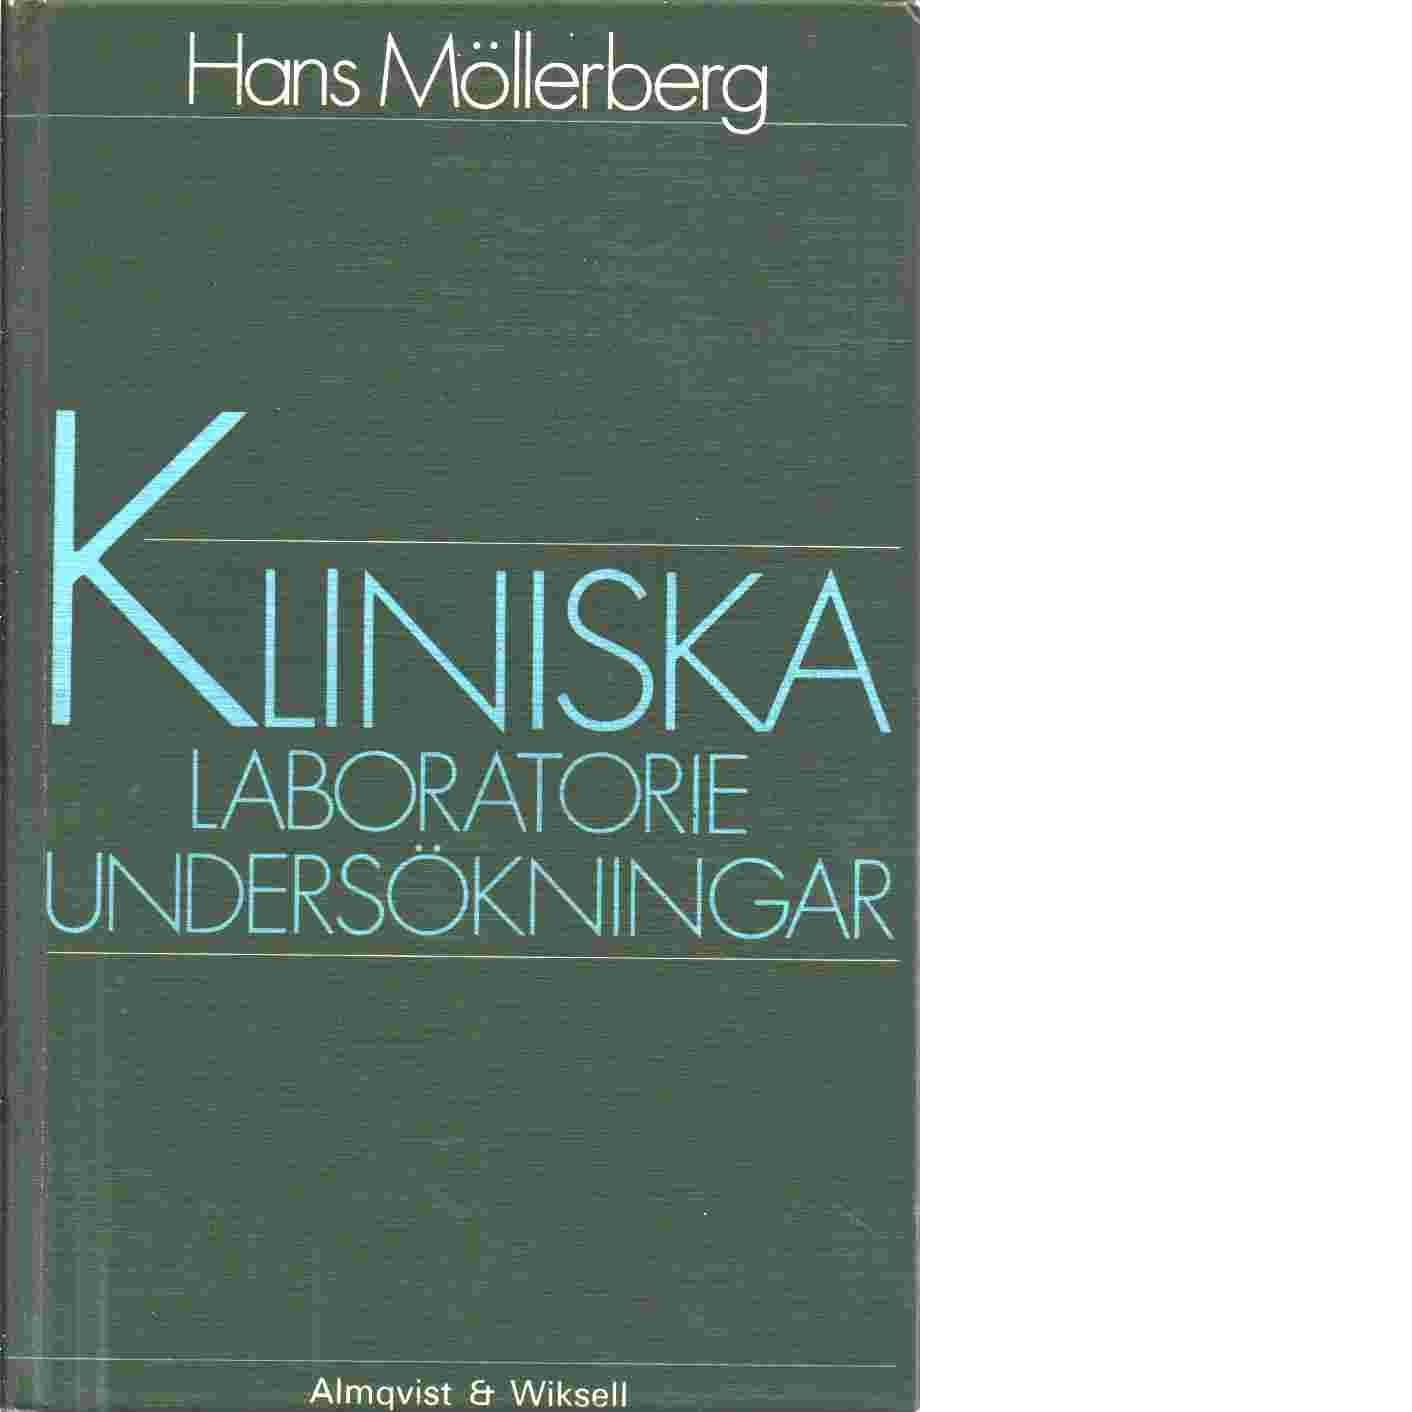 Kliniska laboratorieundersökningar - Möllerberg, Hans